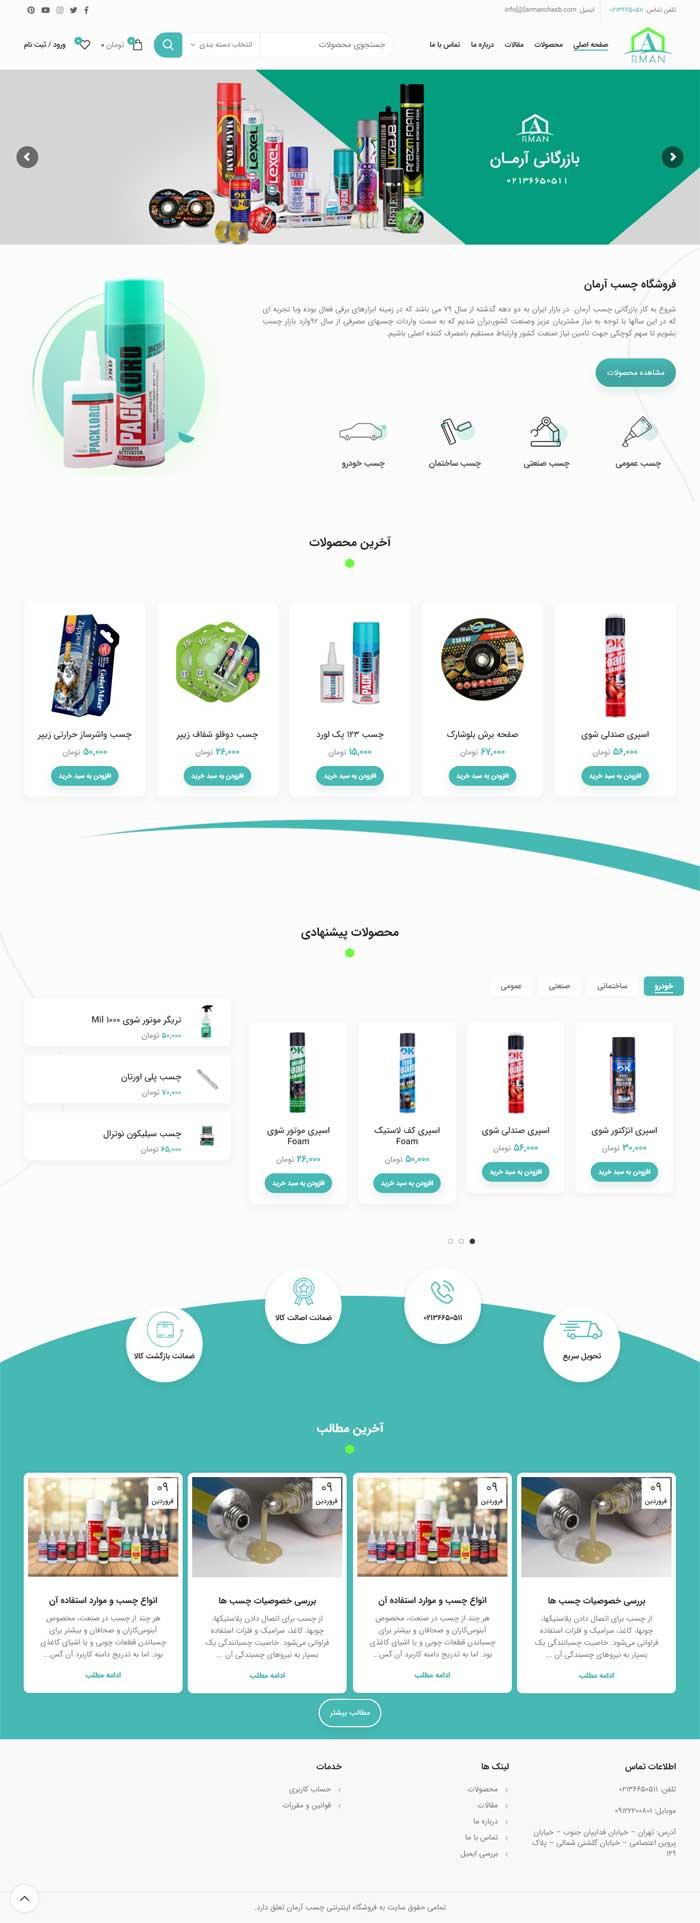 طراحی سایت فروشگاهی چسب